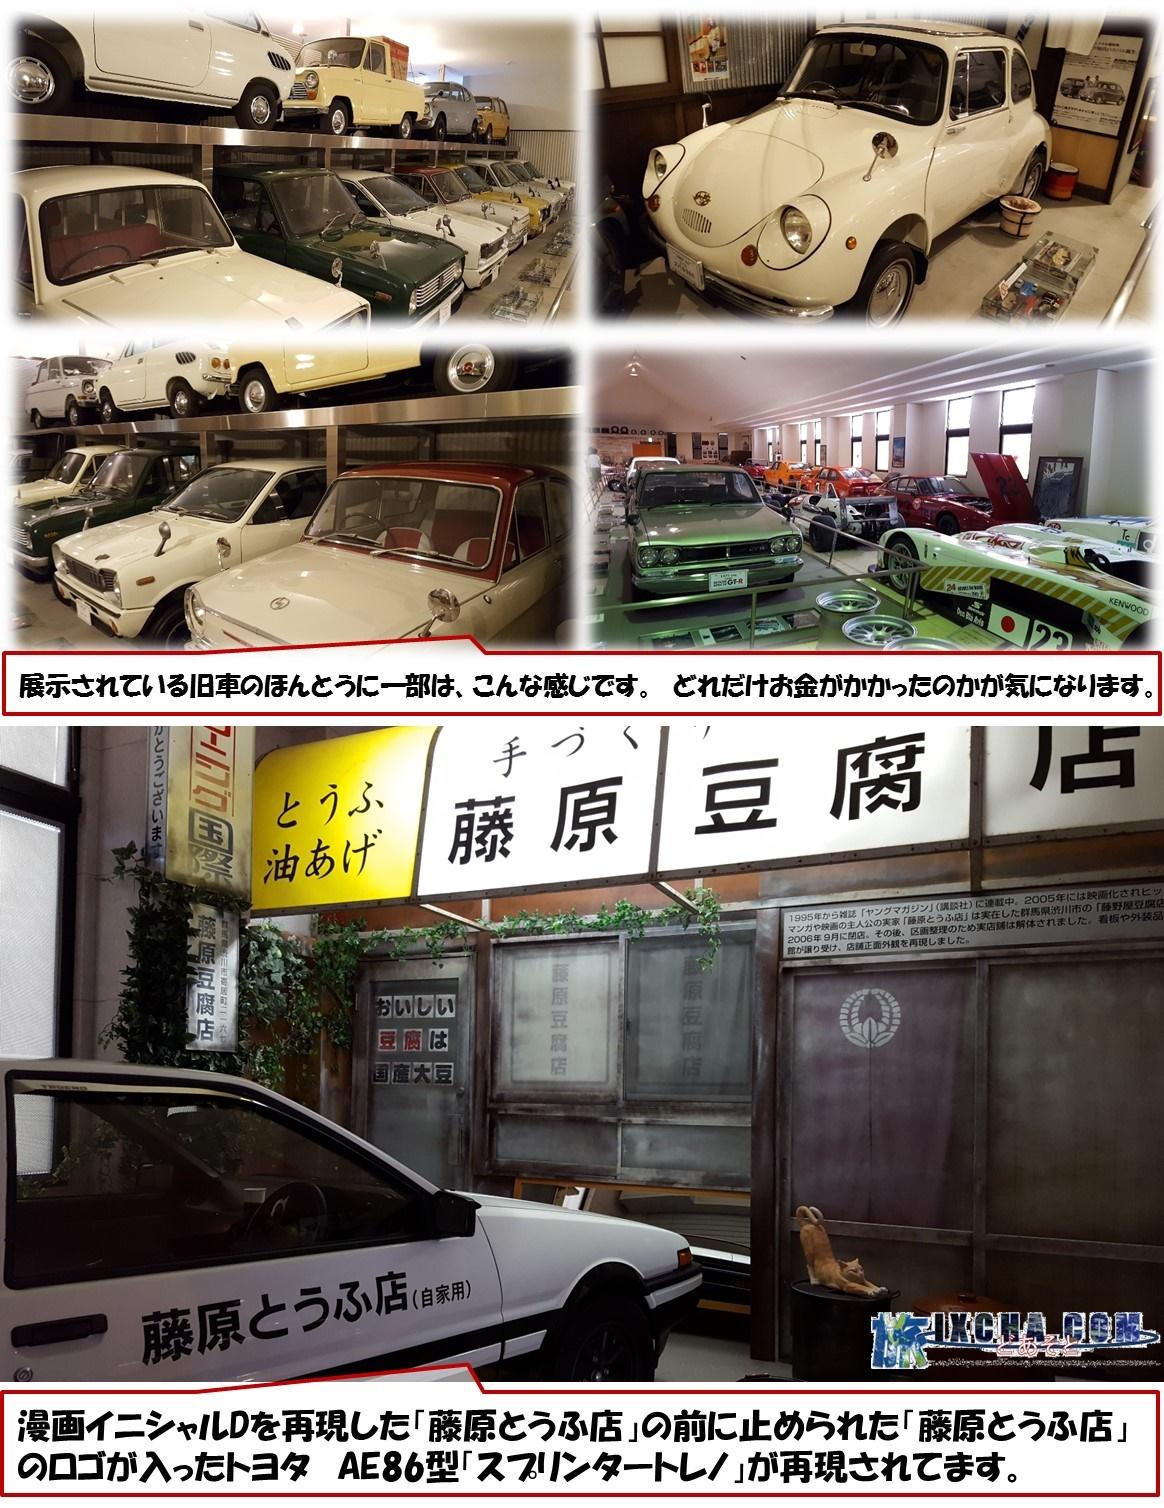 展示されている旧車のほんとうに一部は、こんな感じです。 どれだけお金がかかったのかが気になります。 漫画イニシャルDを再現した「藤原とうふ店」の前に止められた「藤原とうふ店」のロゴが入ったトヨタ AE86型「スプリンタートレノ」が再現されてます。